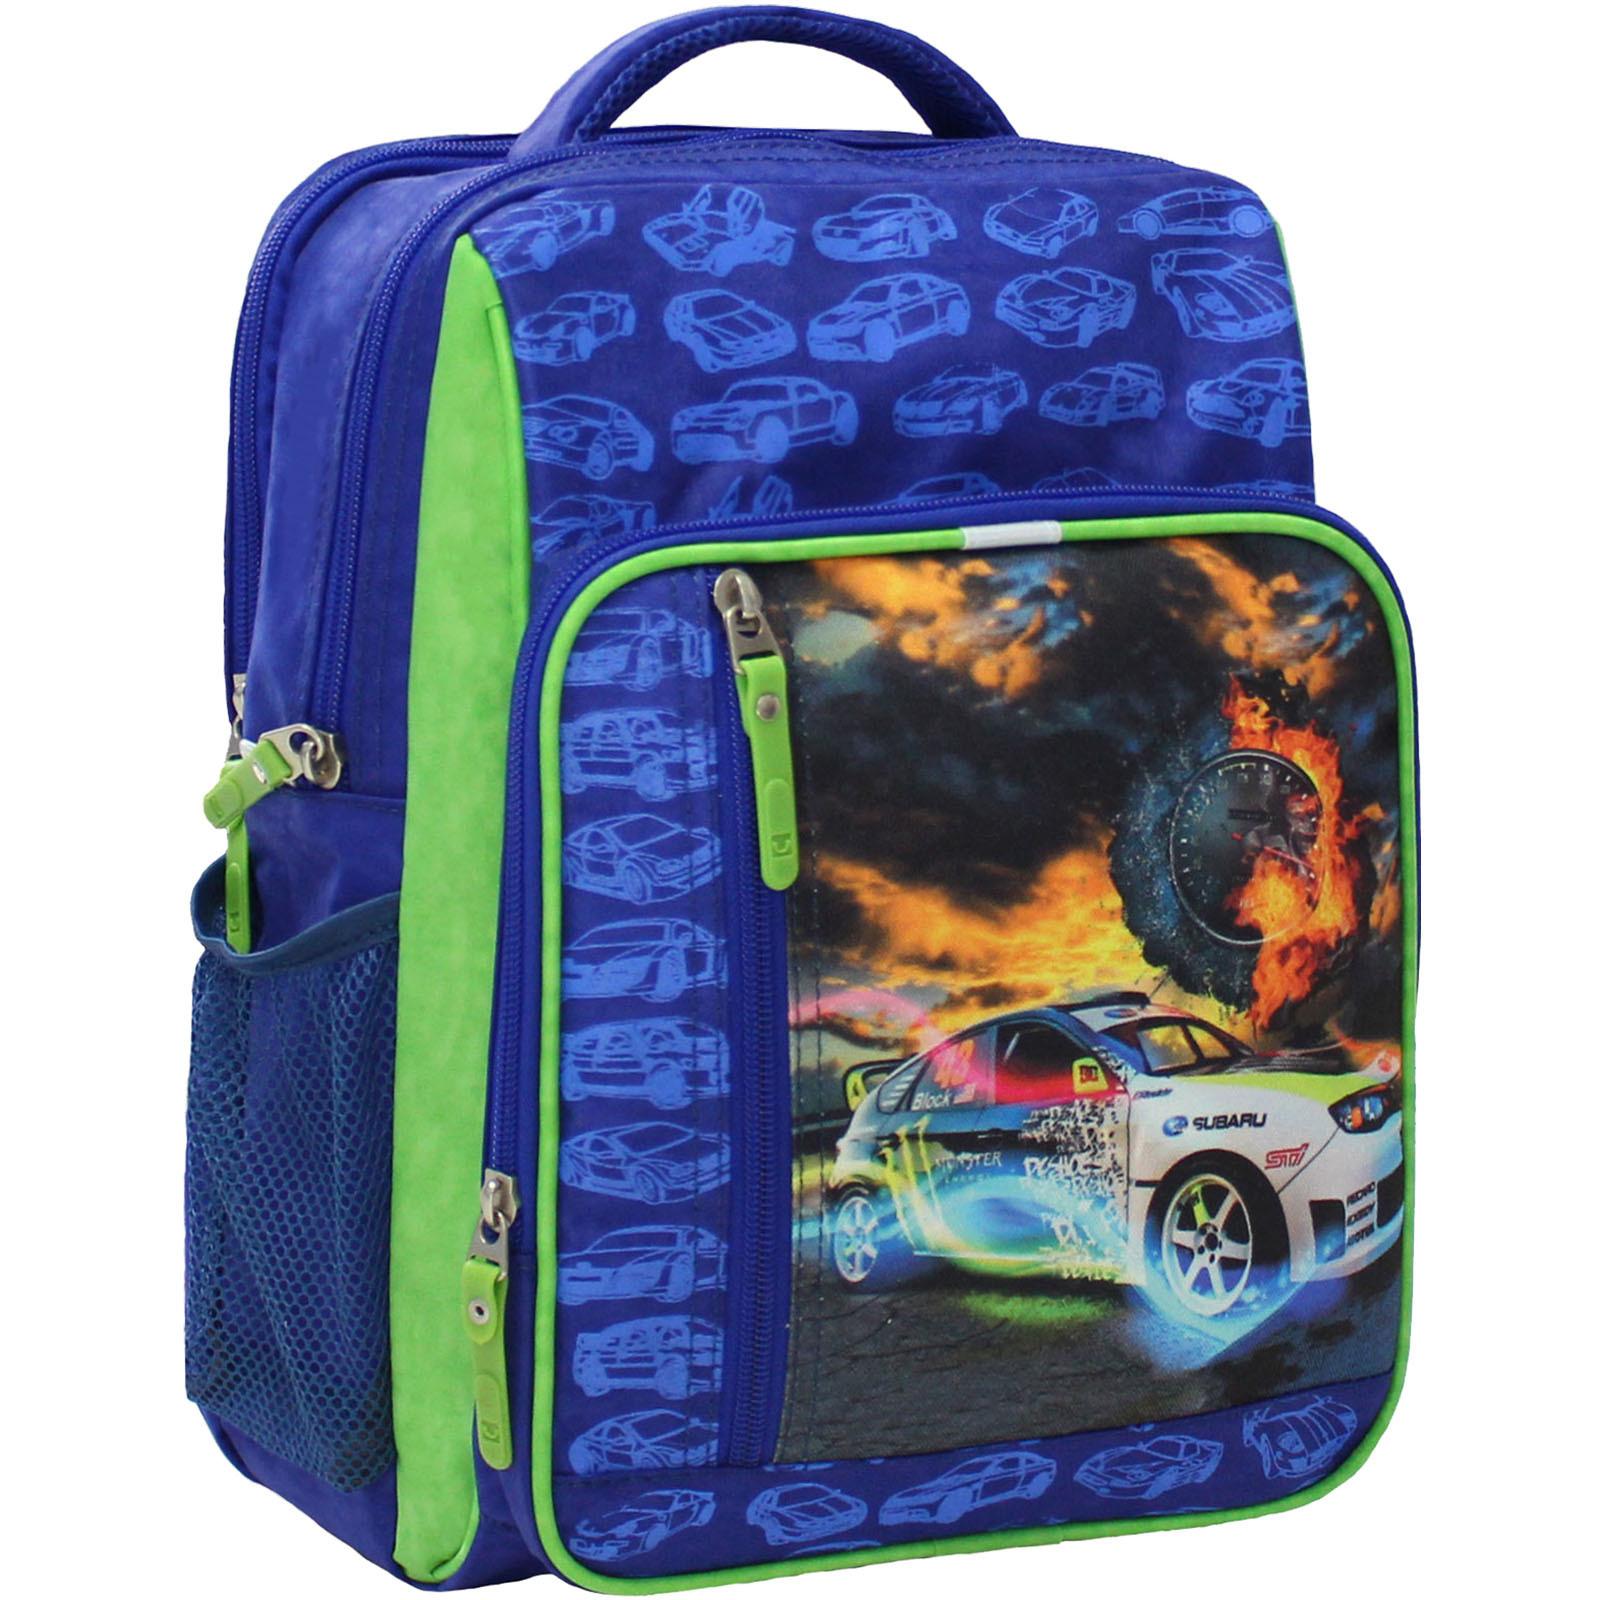 Школьные рюкзаки Рюкзак школьный Bagland Школьник 8 л. 223 электрик 18м (0012870) IMG_5099.JPG